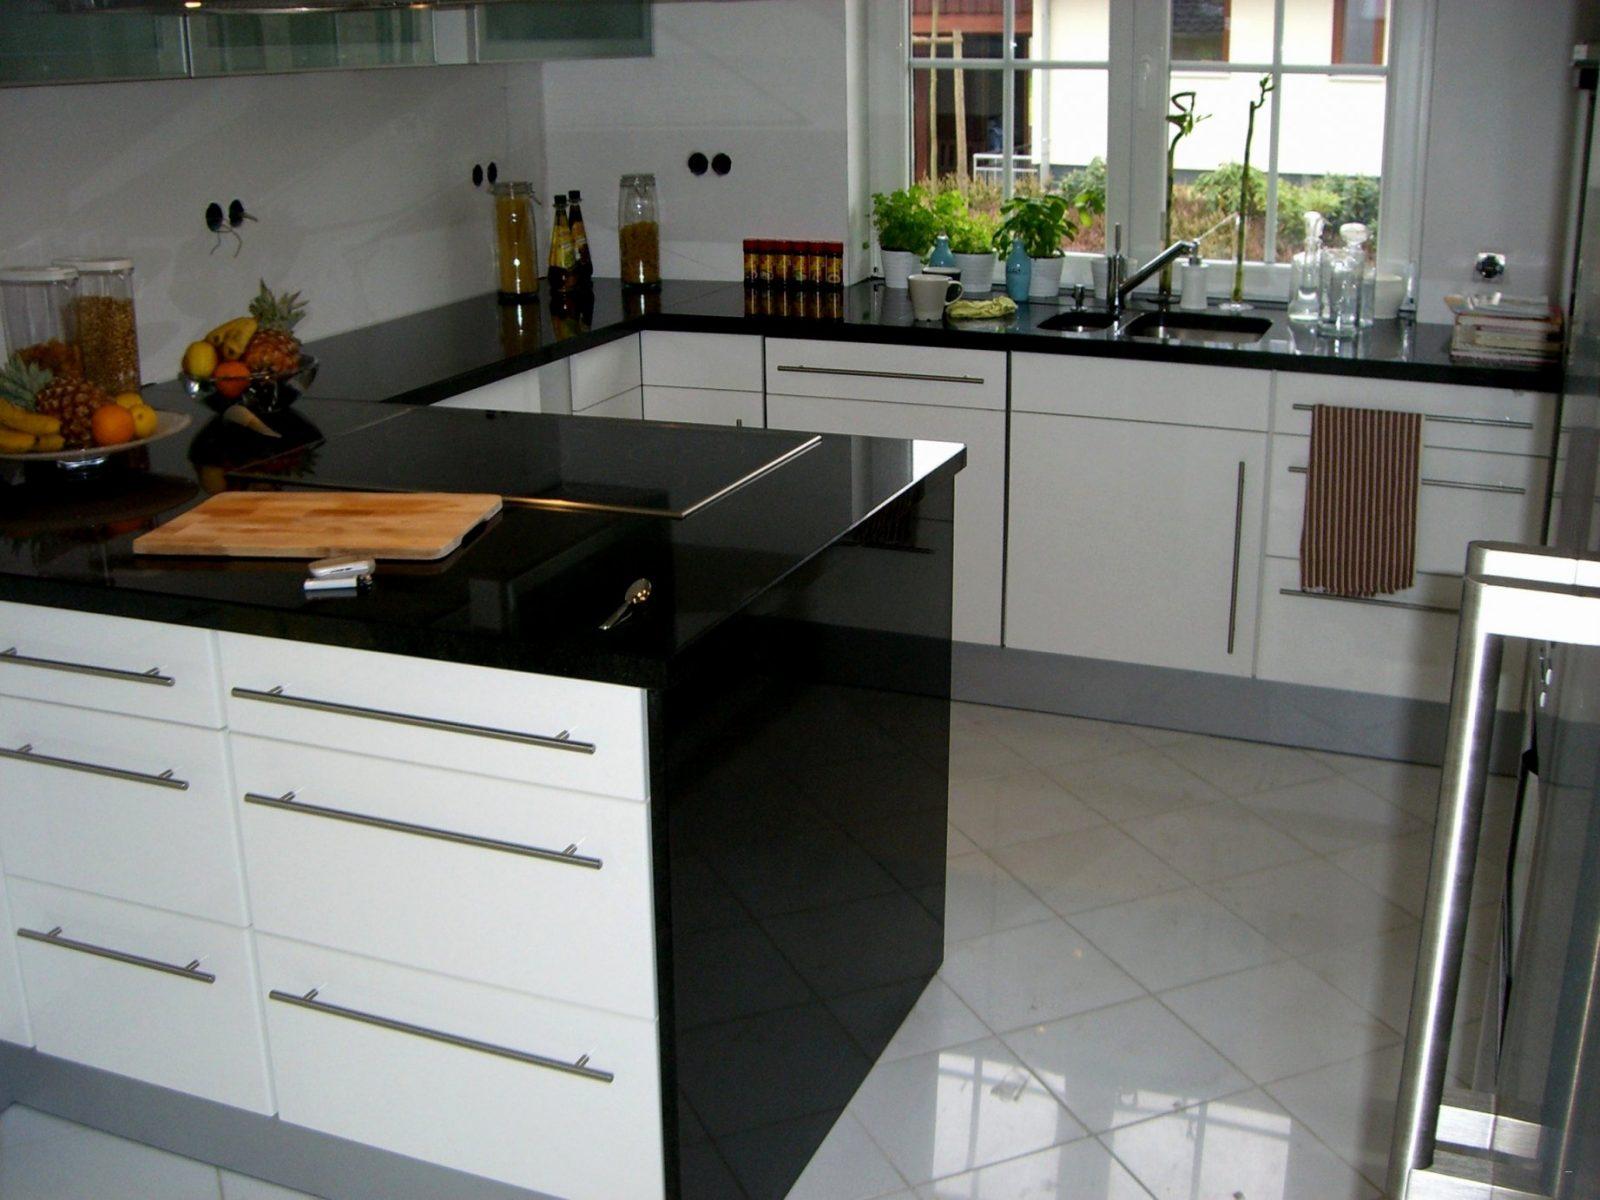 50 Luxus Arbeitsplatte 70 Cm Tief Toom Bilder  Murzilka von Küchenarbeitsplatte 70 Cm Breit Bild